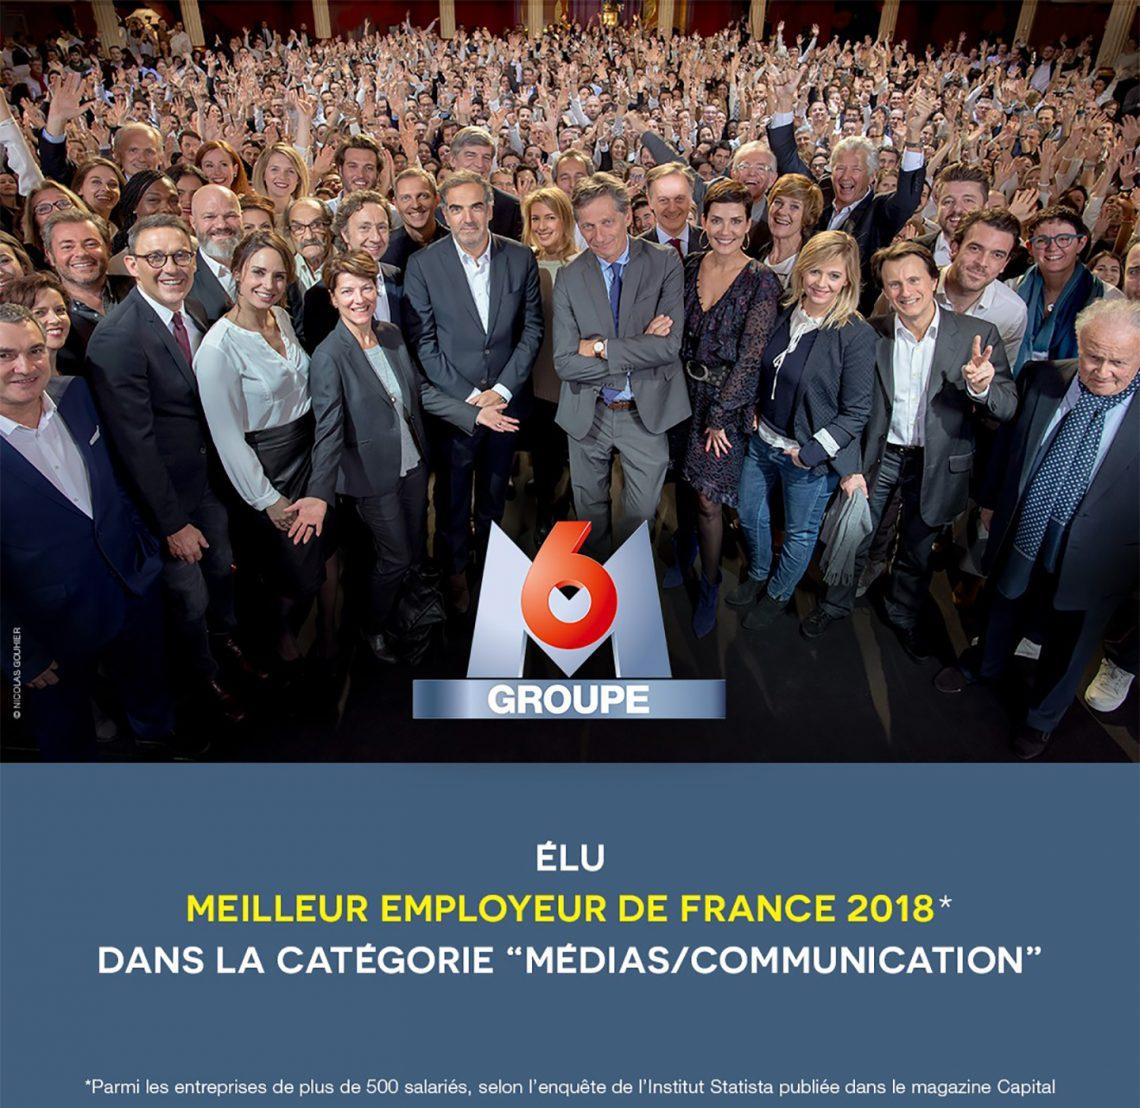 Le Groupe M6 est élu meilleur employeur de France